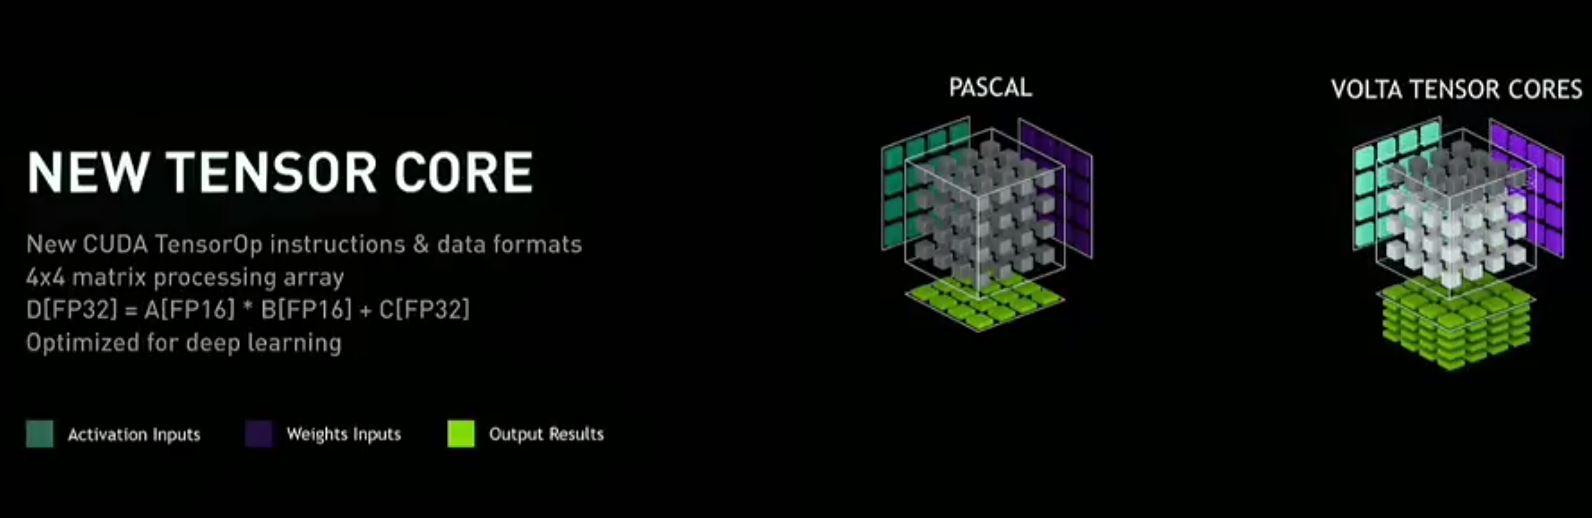 NVIDIA Tensorcore Pascal V Volta